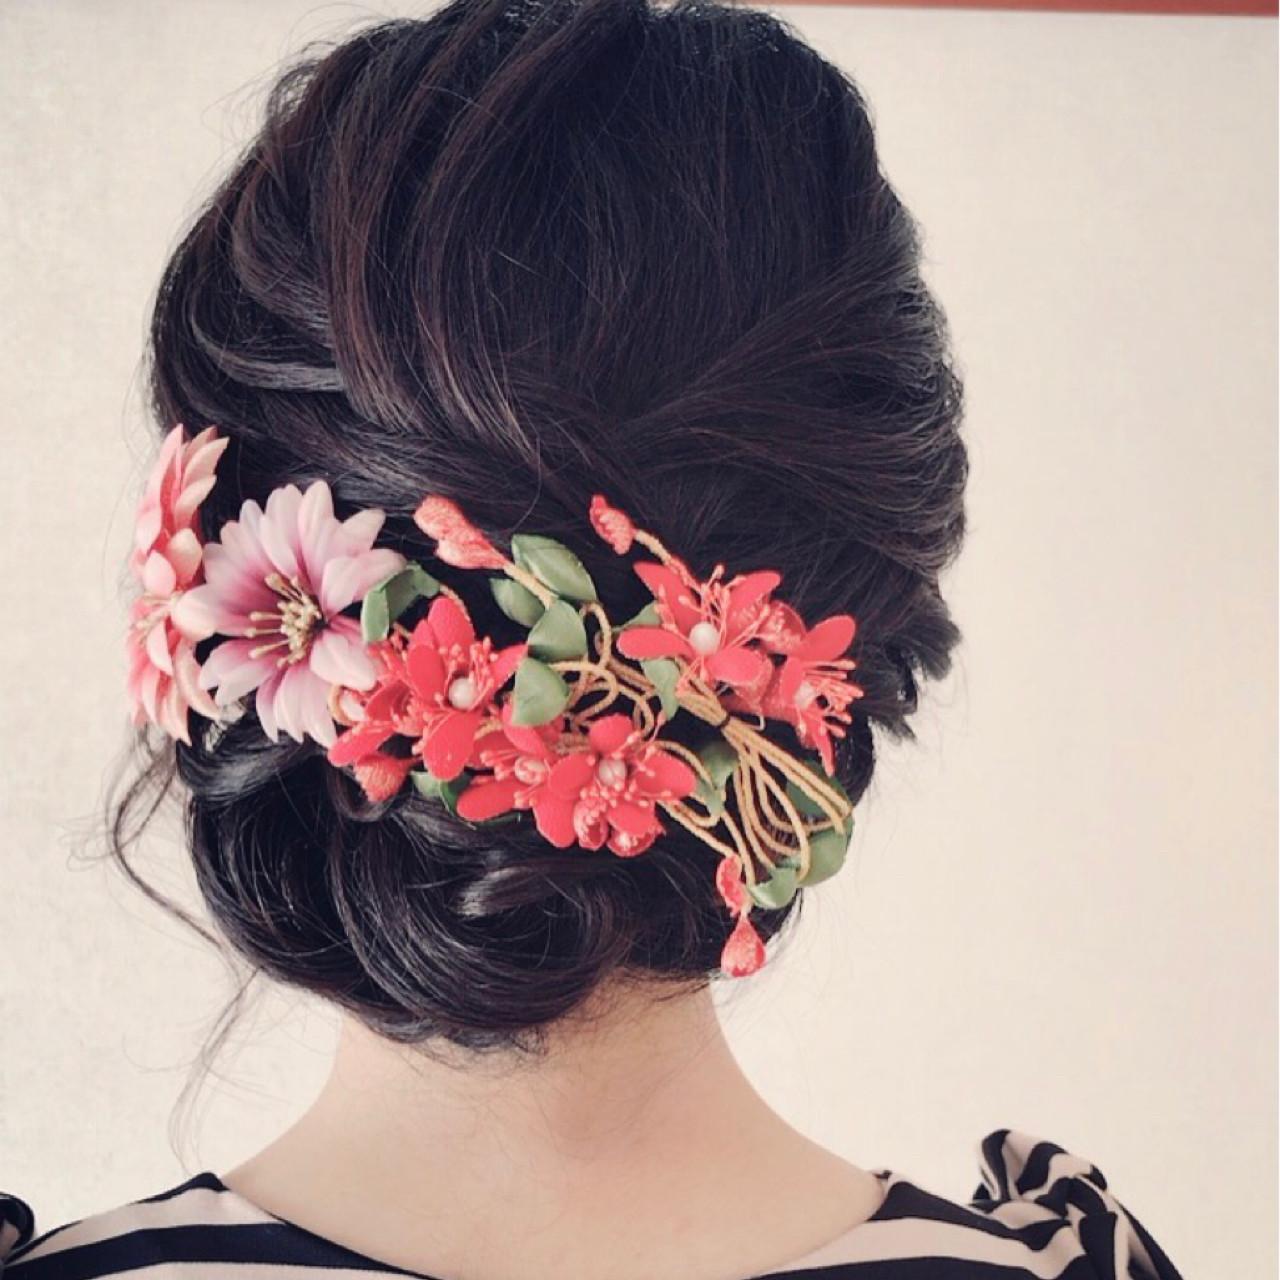 ミディアム 着物 フェミニン ヘアアレンジヘアスタイルや髪型の写真・画像